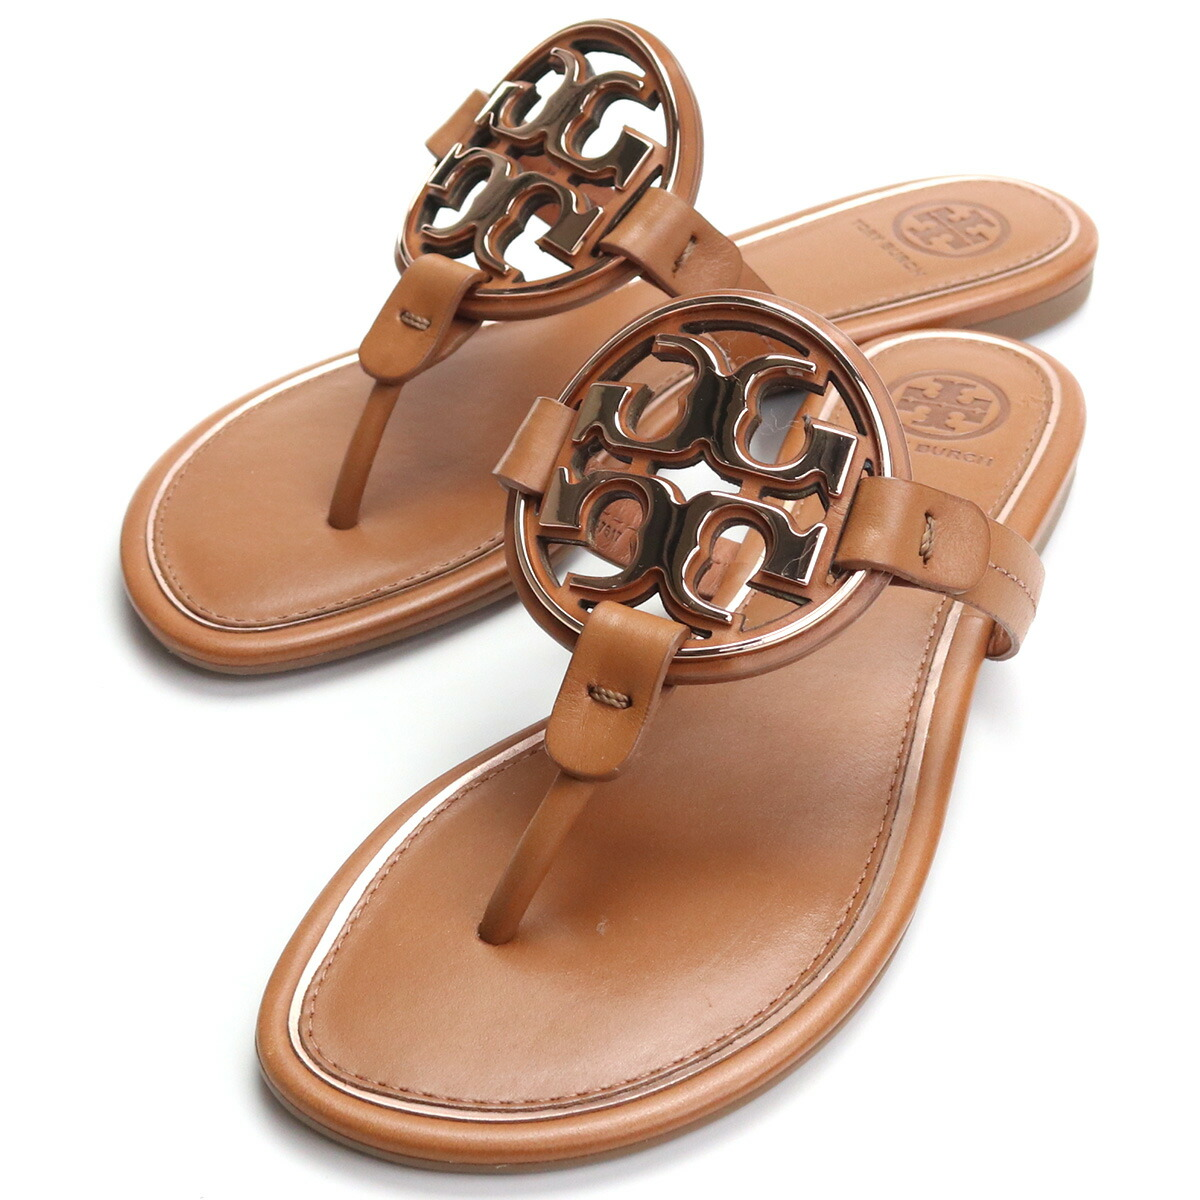 トリーバーチ TORY BURCH サンダル 47617 212 ブラウン系 shoes-01 レディース